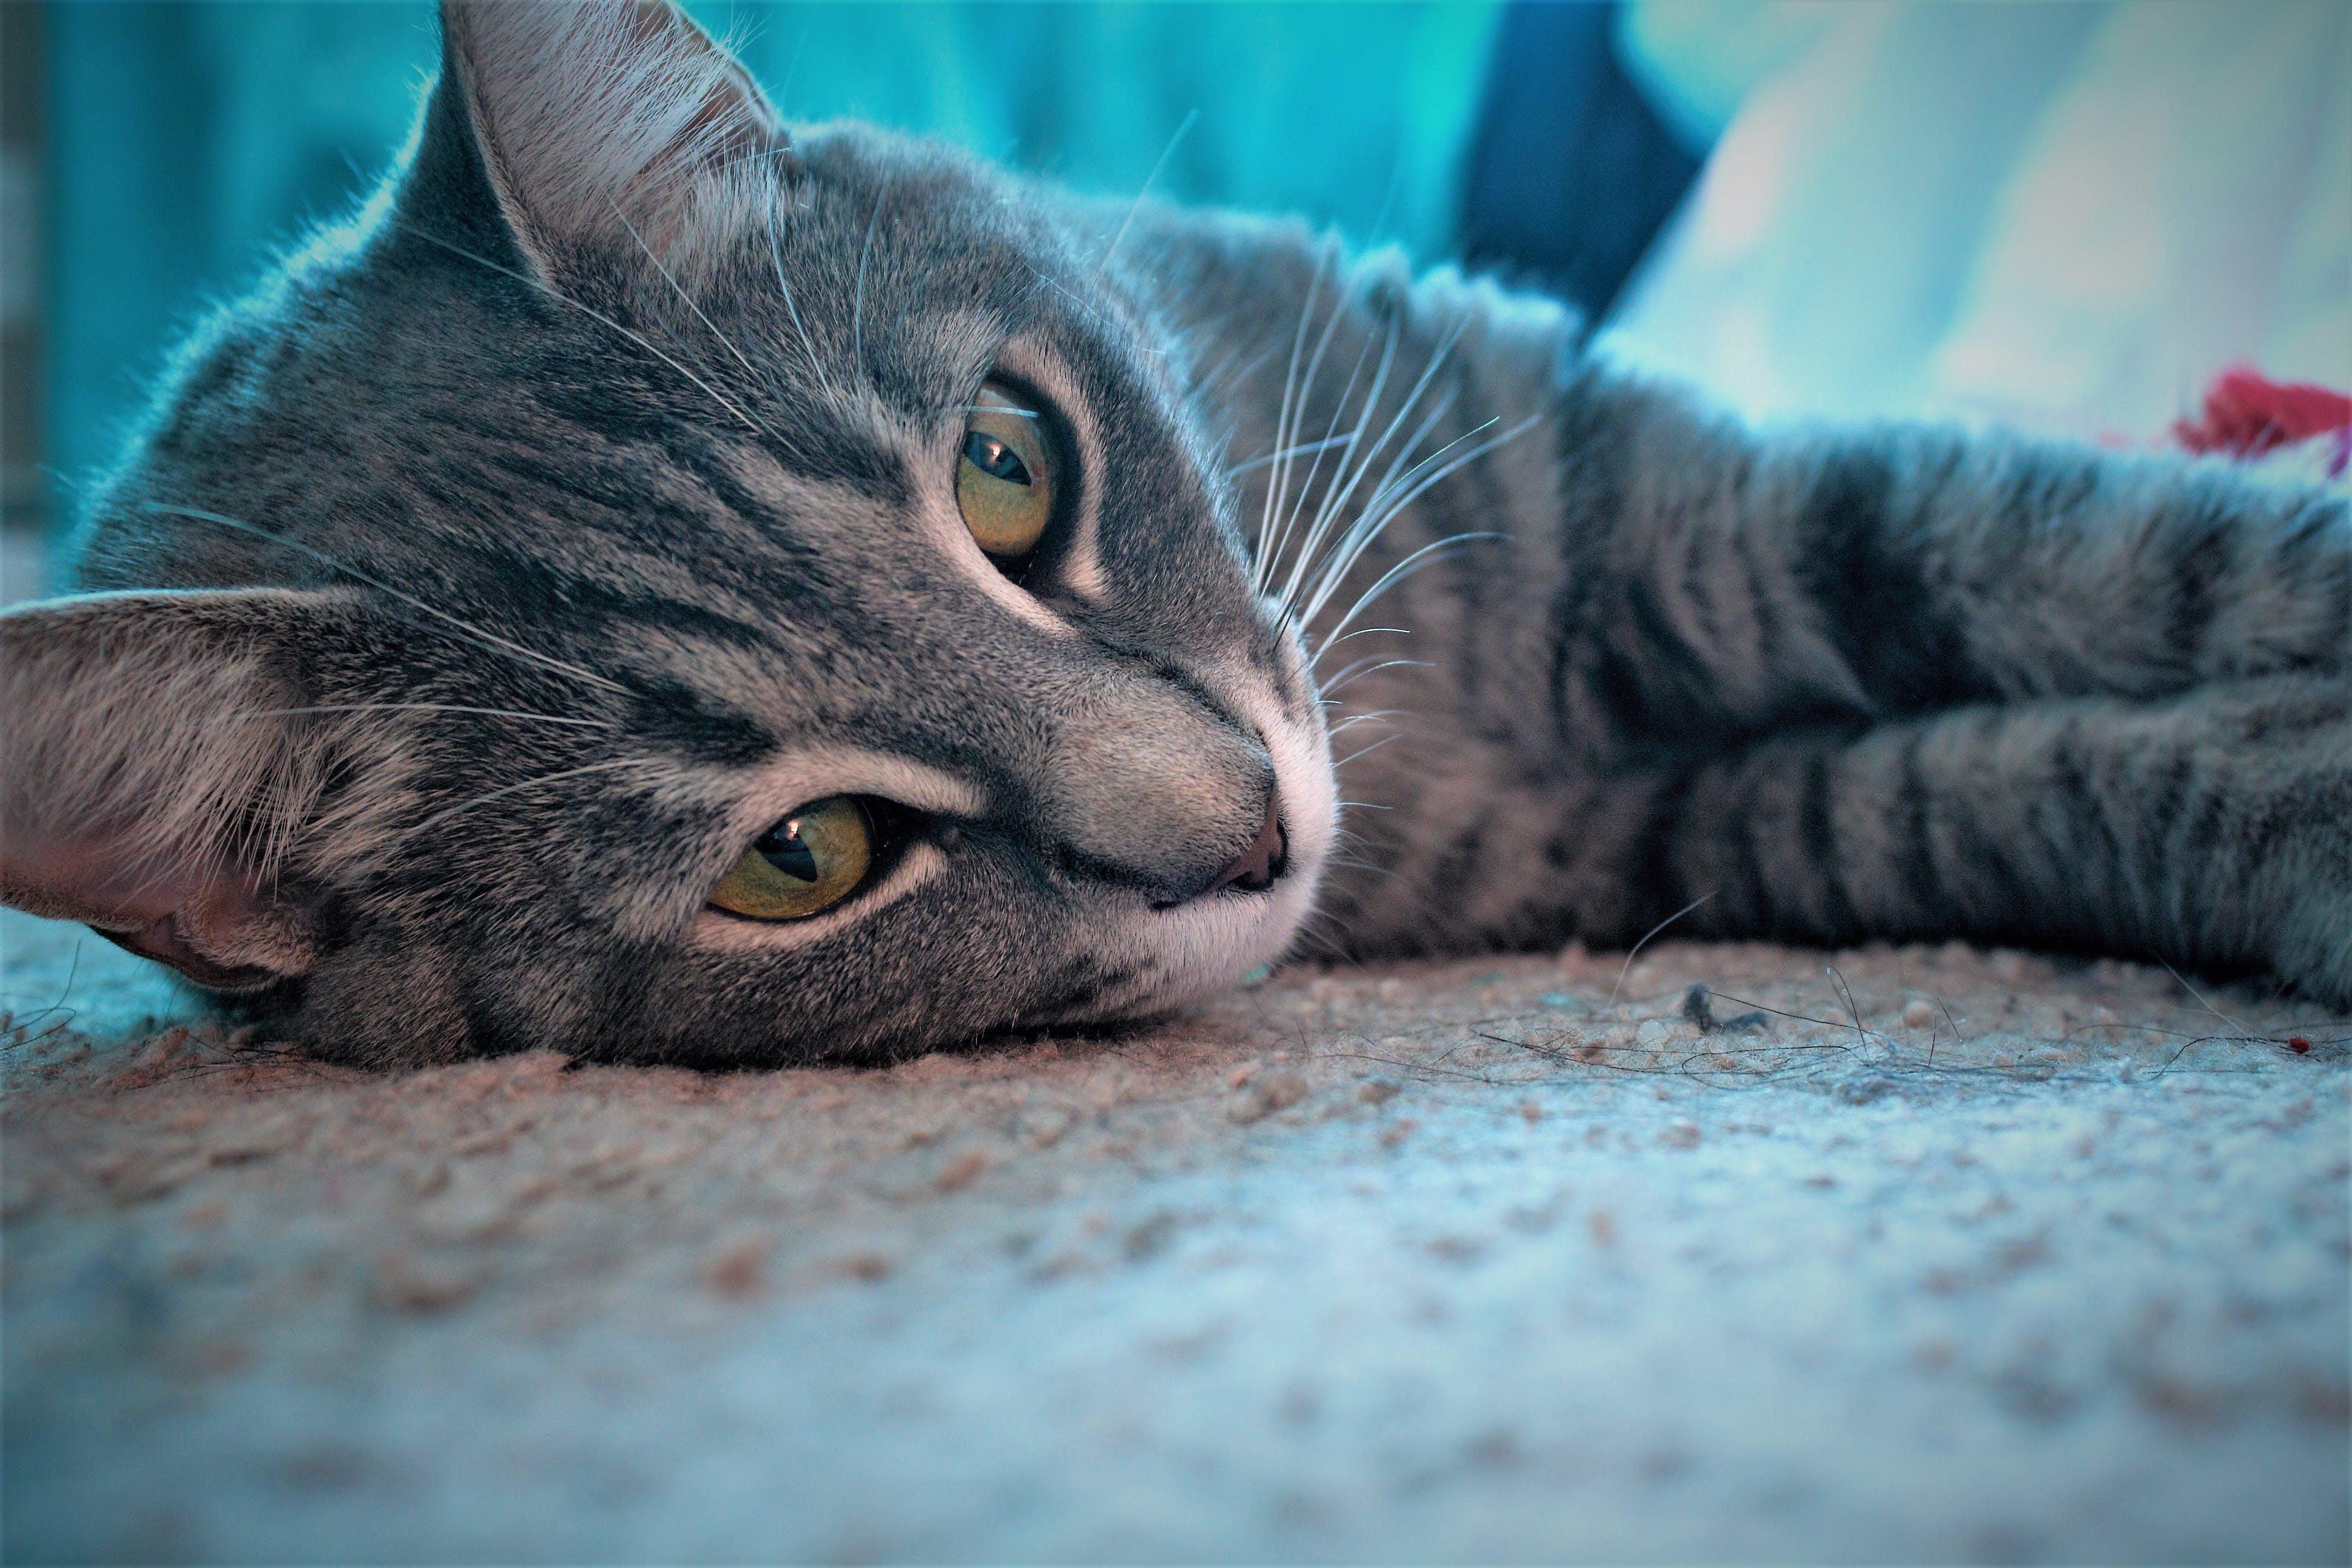 Free stock photo of cat, gray cat, grey cat, kitten